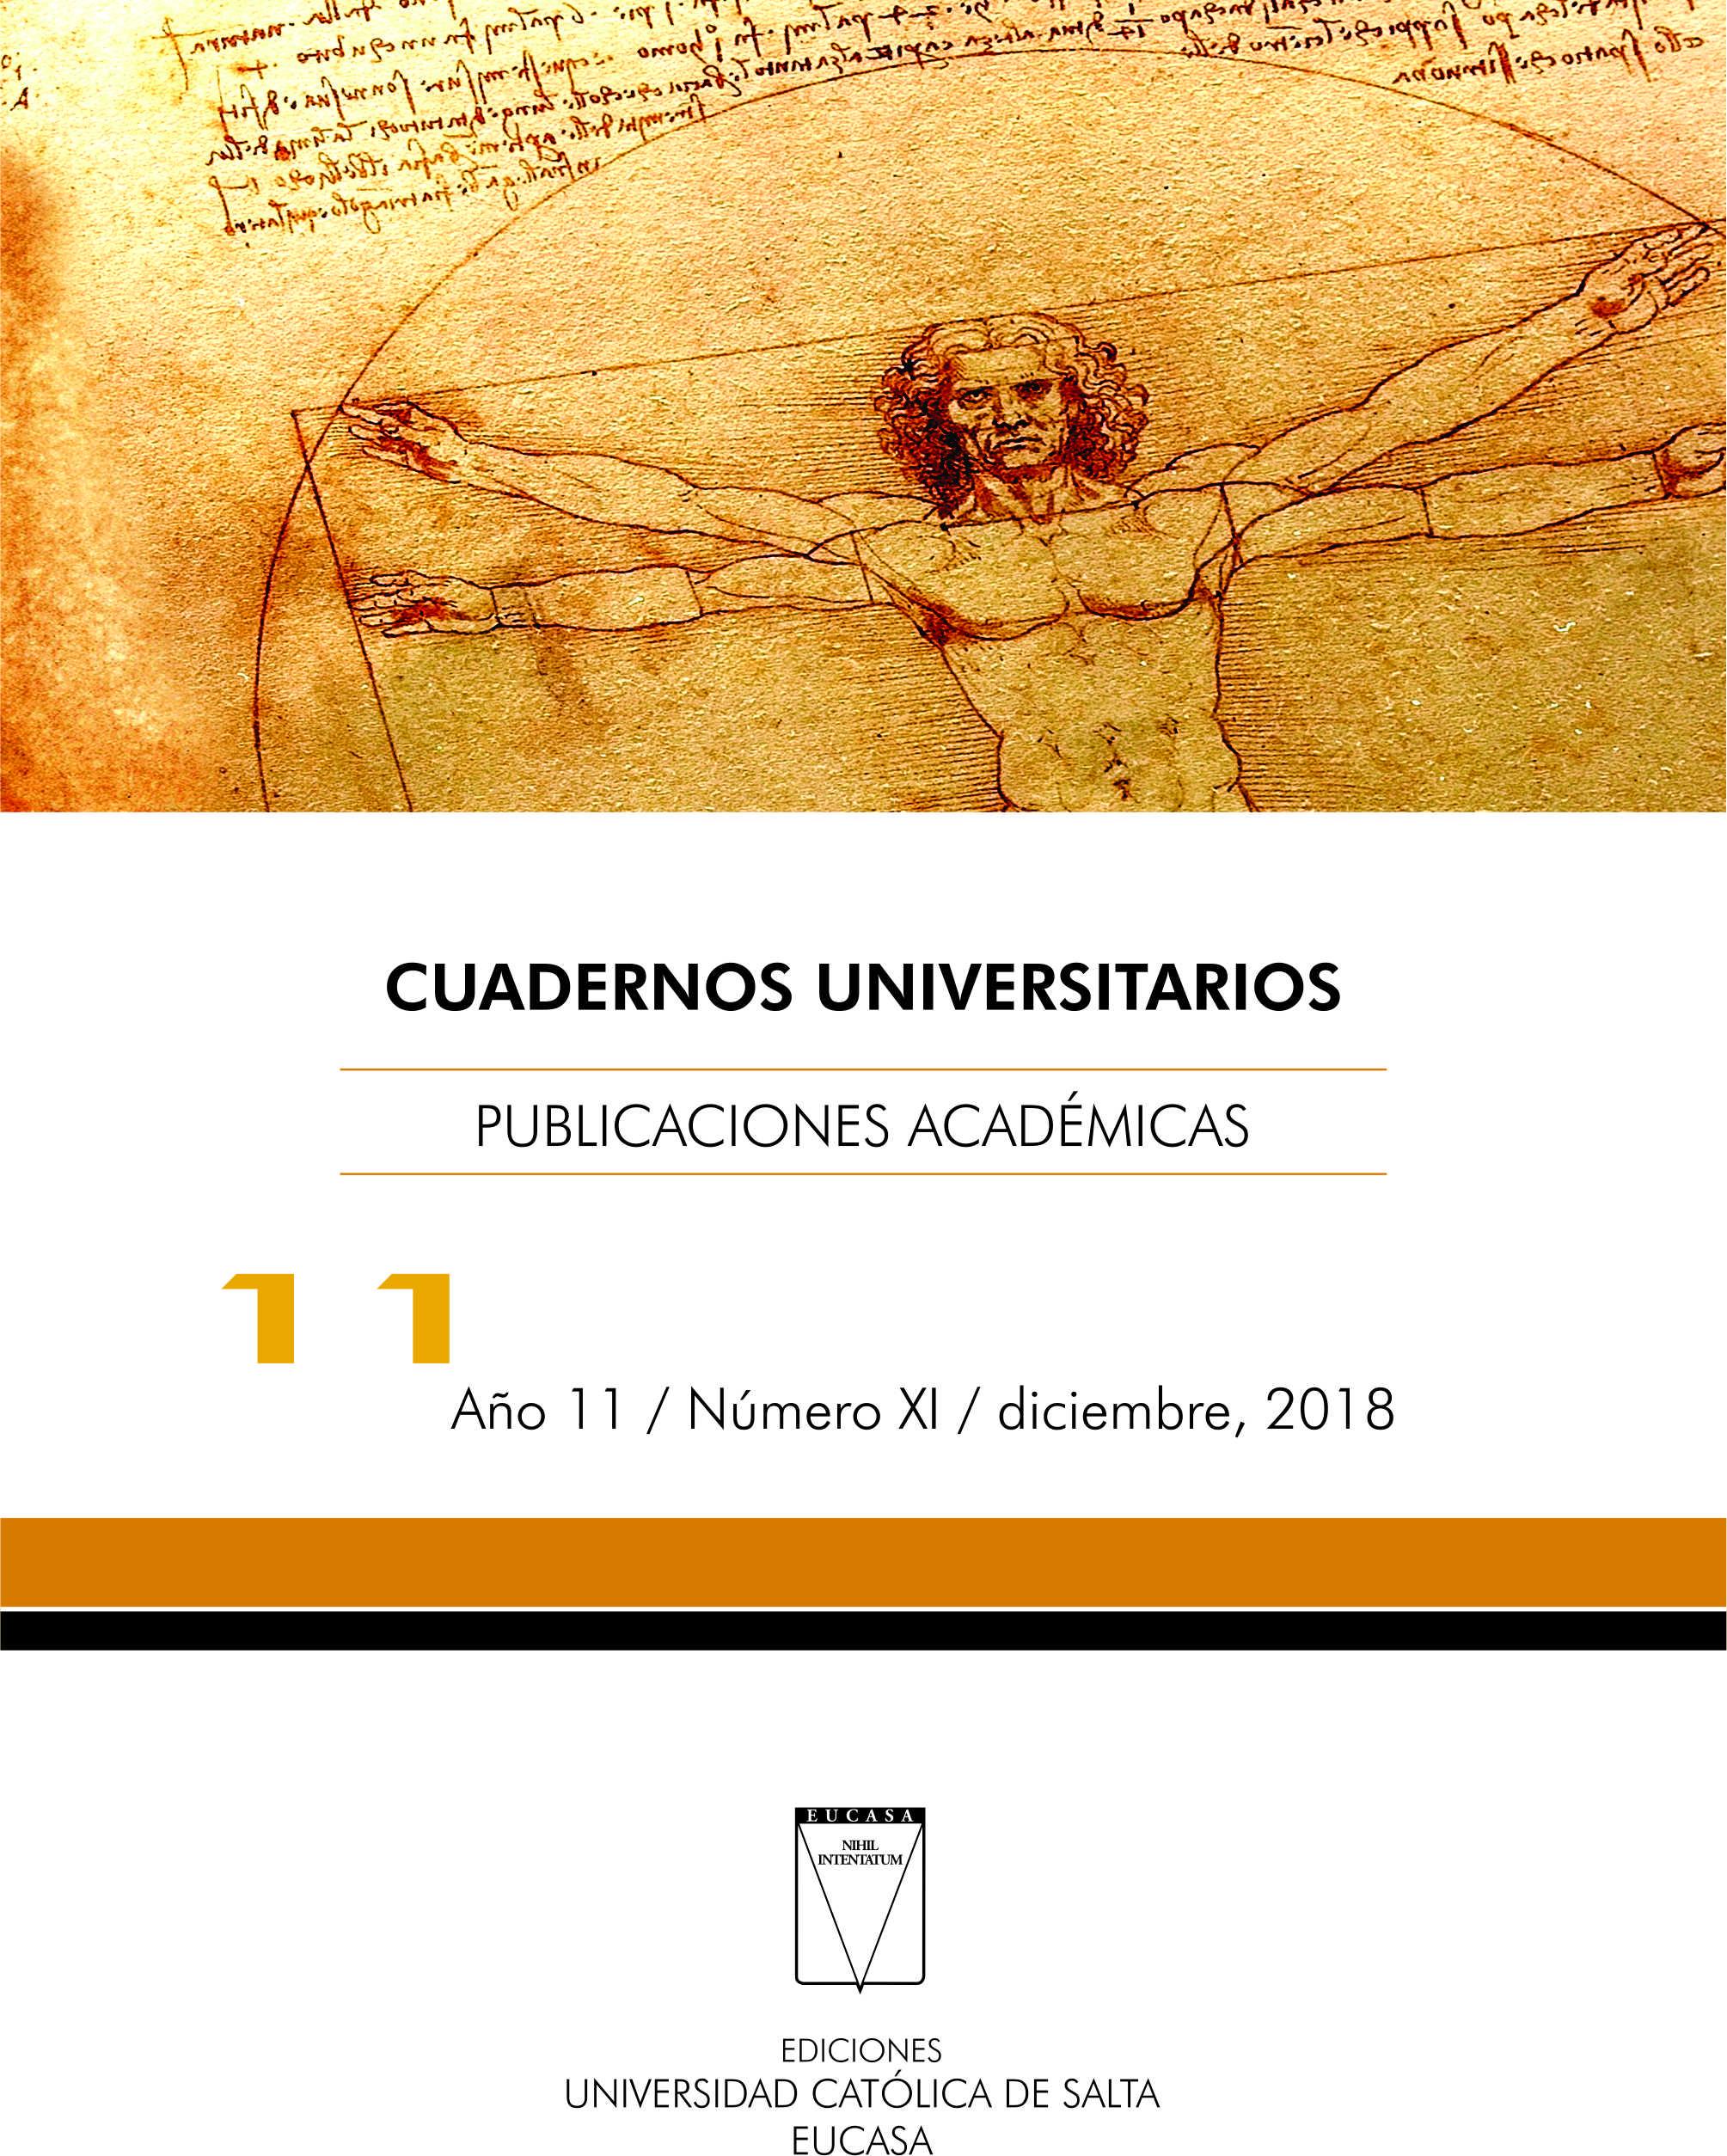 Cuadernos Universitarios 11